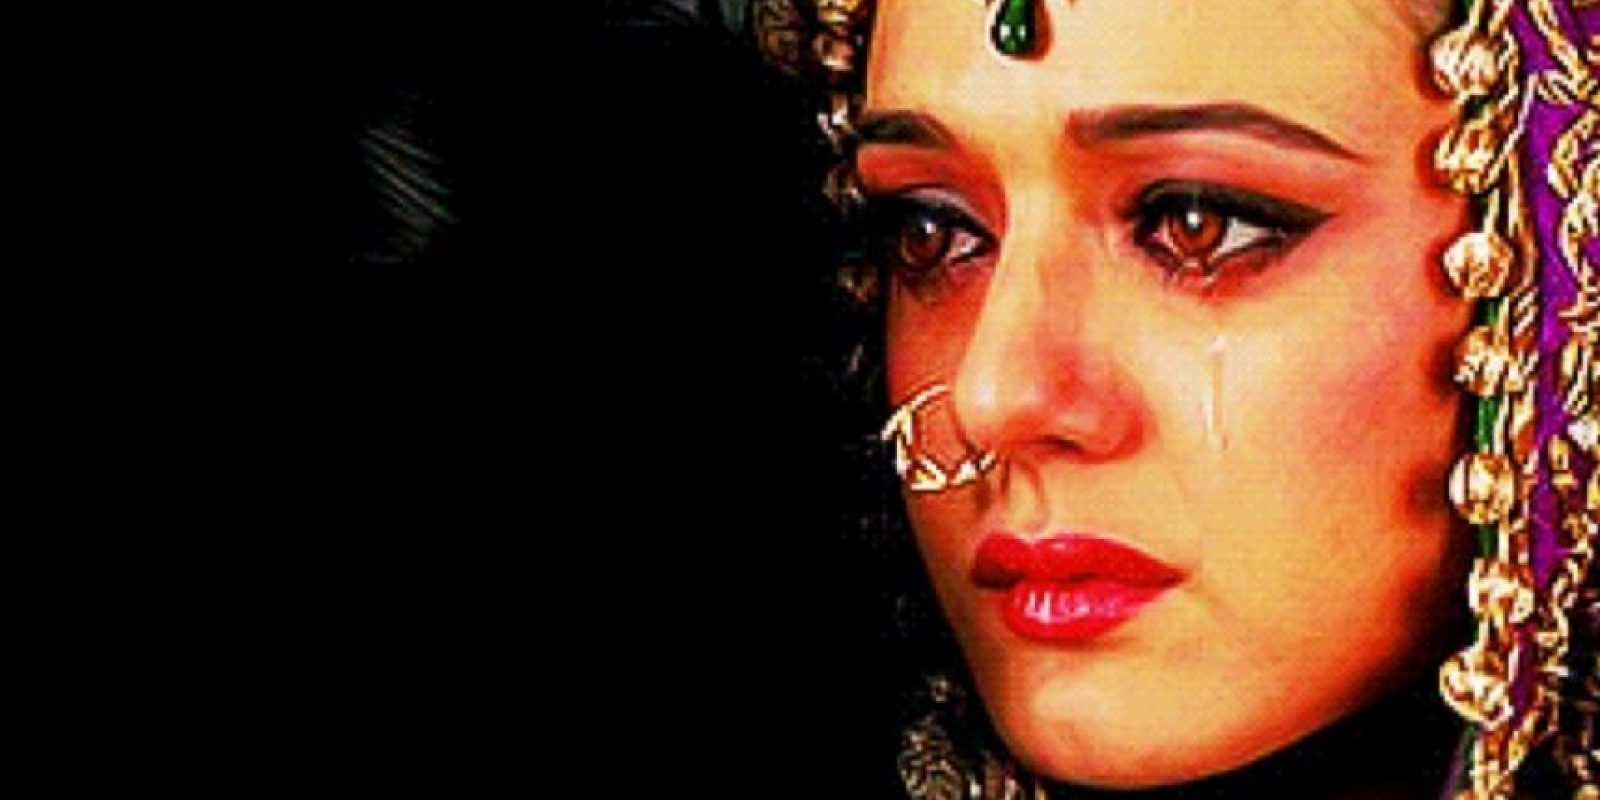 En India todavía se dan crímenes por honor, en la que dos contrayentes que no debieron casarse son asesinados. Foto:Tumblr